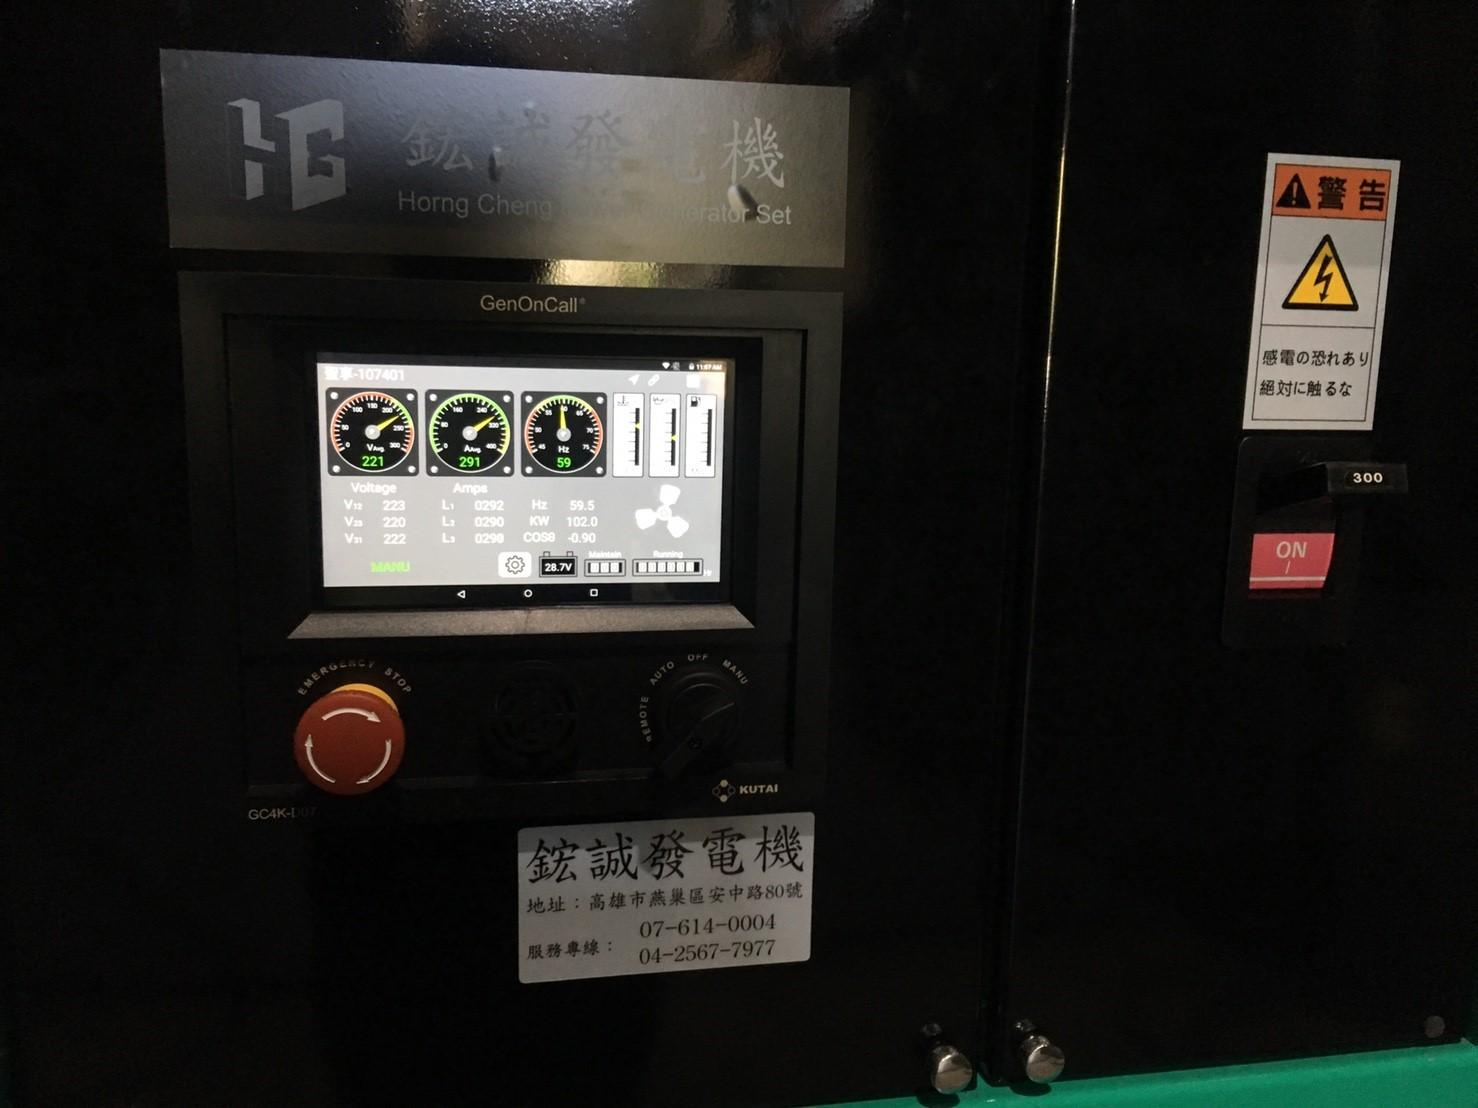 柴油發電機遠端監控系統, 智能發電機, 遠端監控app, 發電機遠端監控系統出租, 發電機遠端監控系統買賣, 微電腦柴油發電機控制器, HCPOWER,